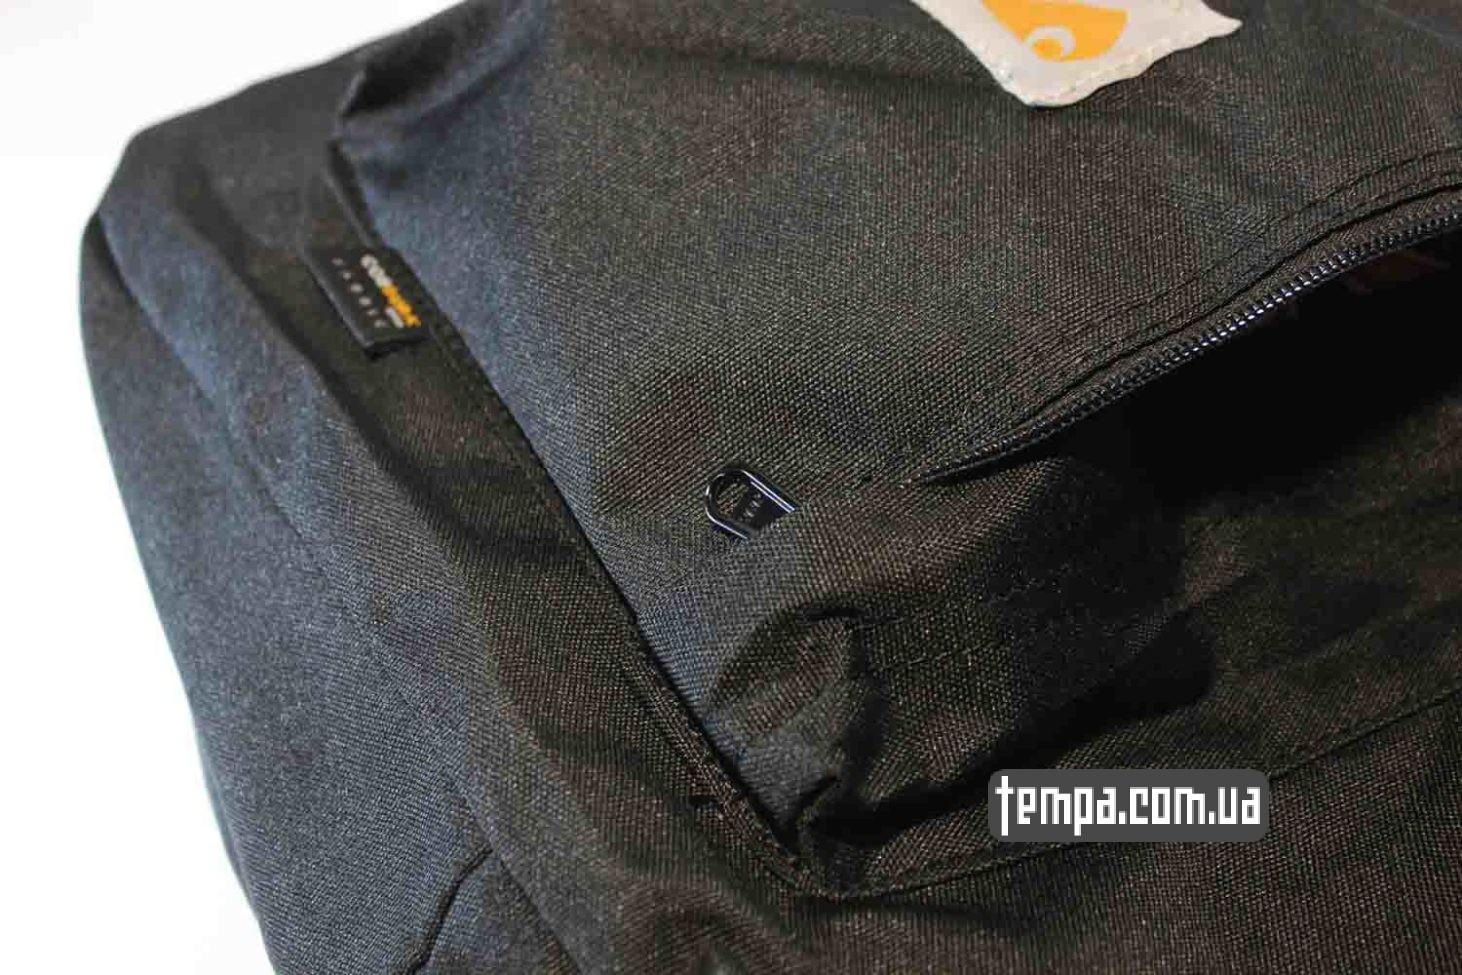 где купить оригинальный магазин рюкзак Carhartt black backback черный купить Украина